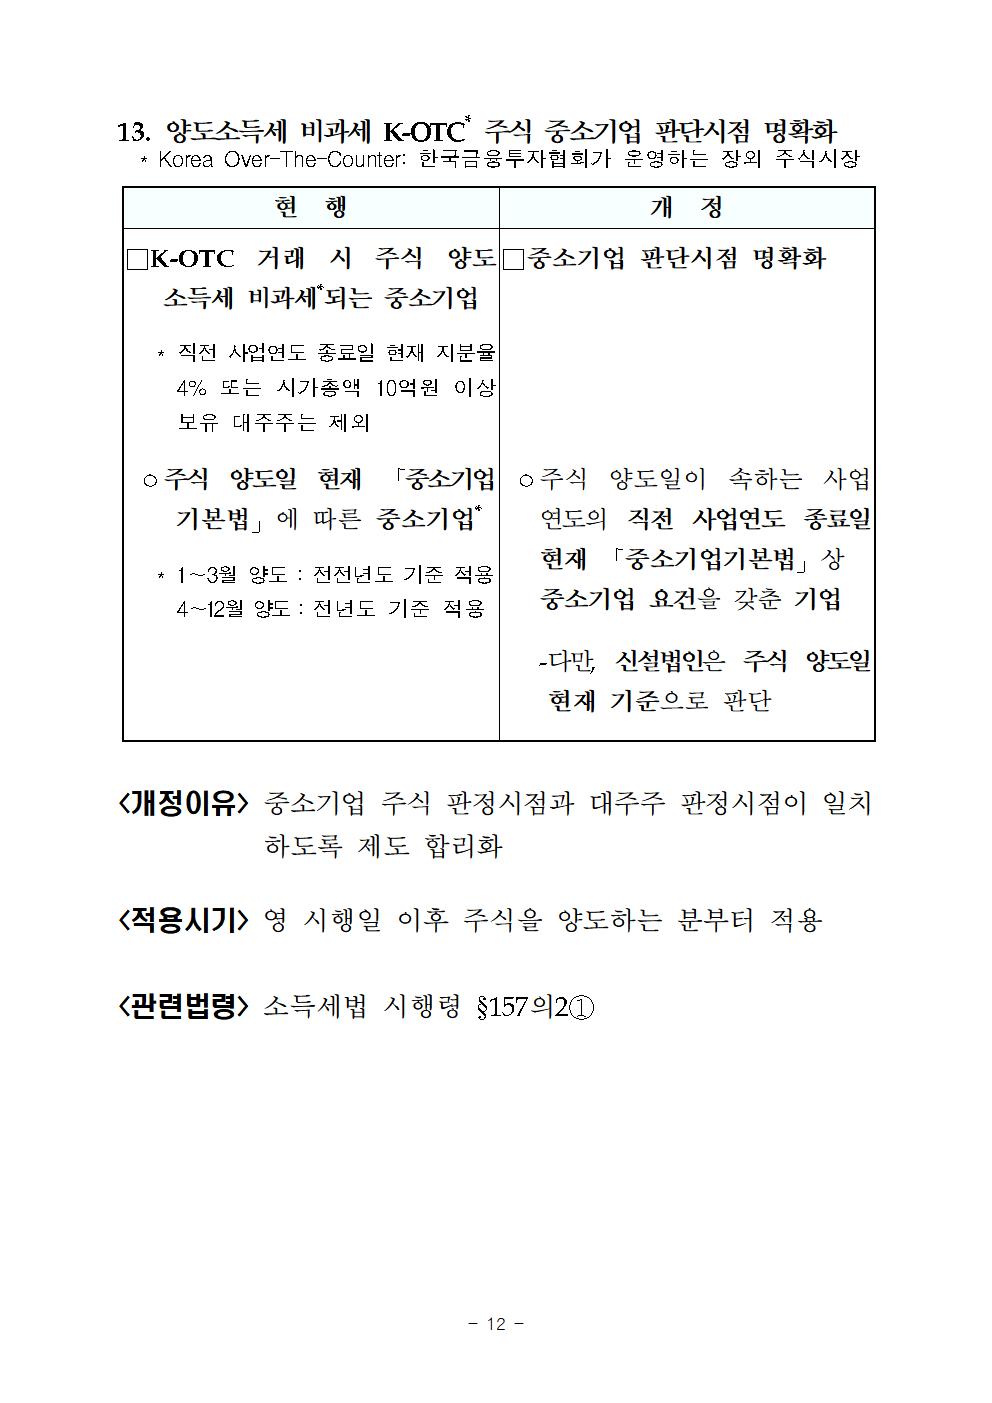 2019년세법개정내용(양도소득세분야)017.png